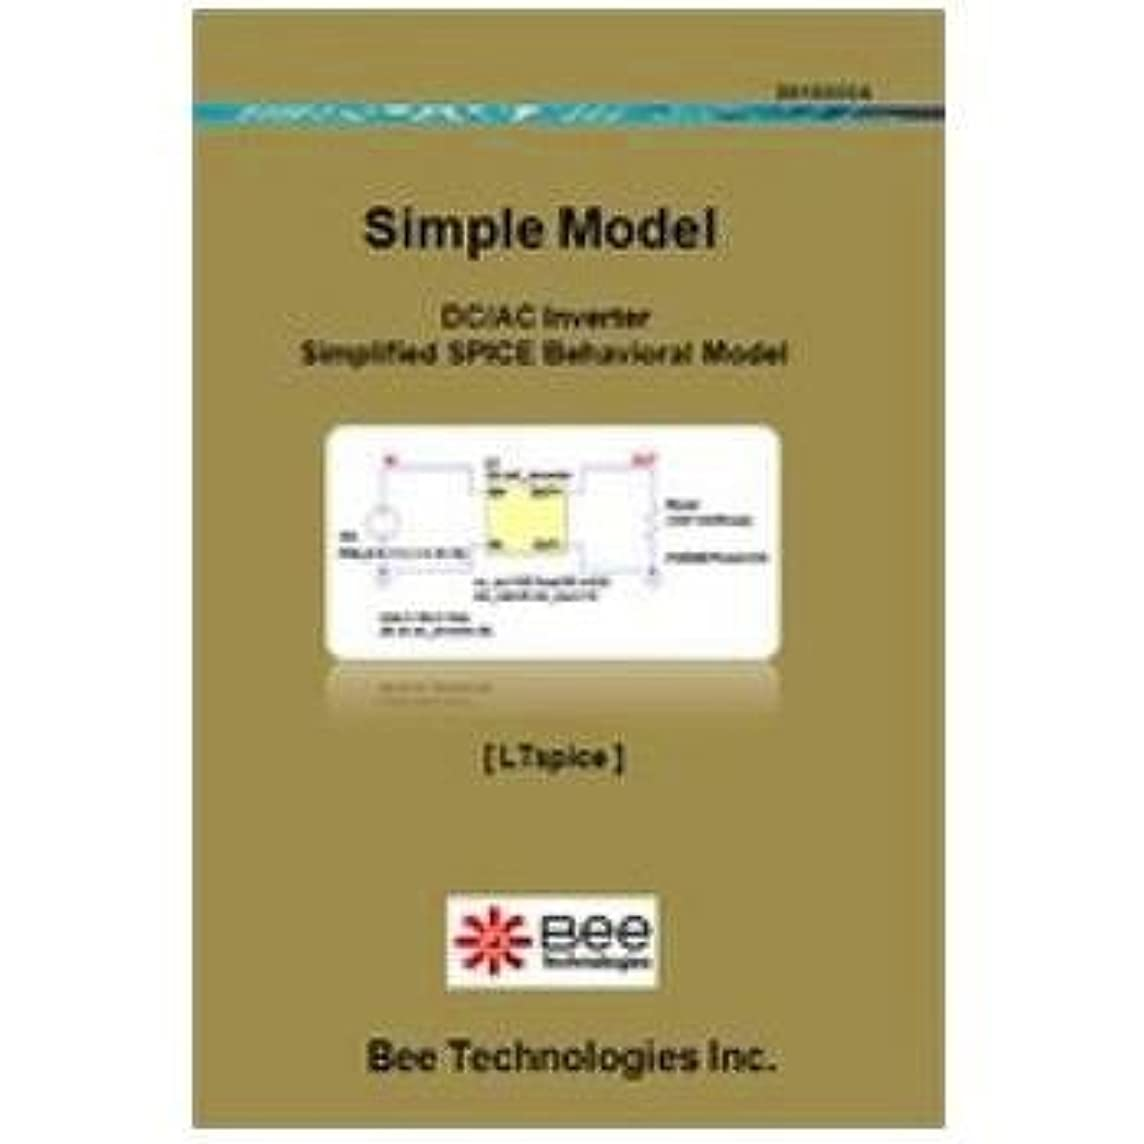 アマチュア懇願する火山Bee Technologies DCACインバータモデル LTspice版 【SM-011】